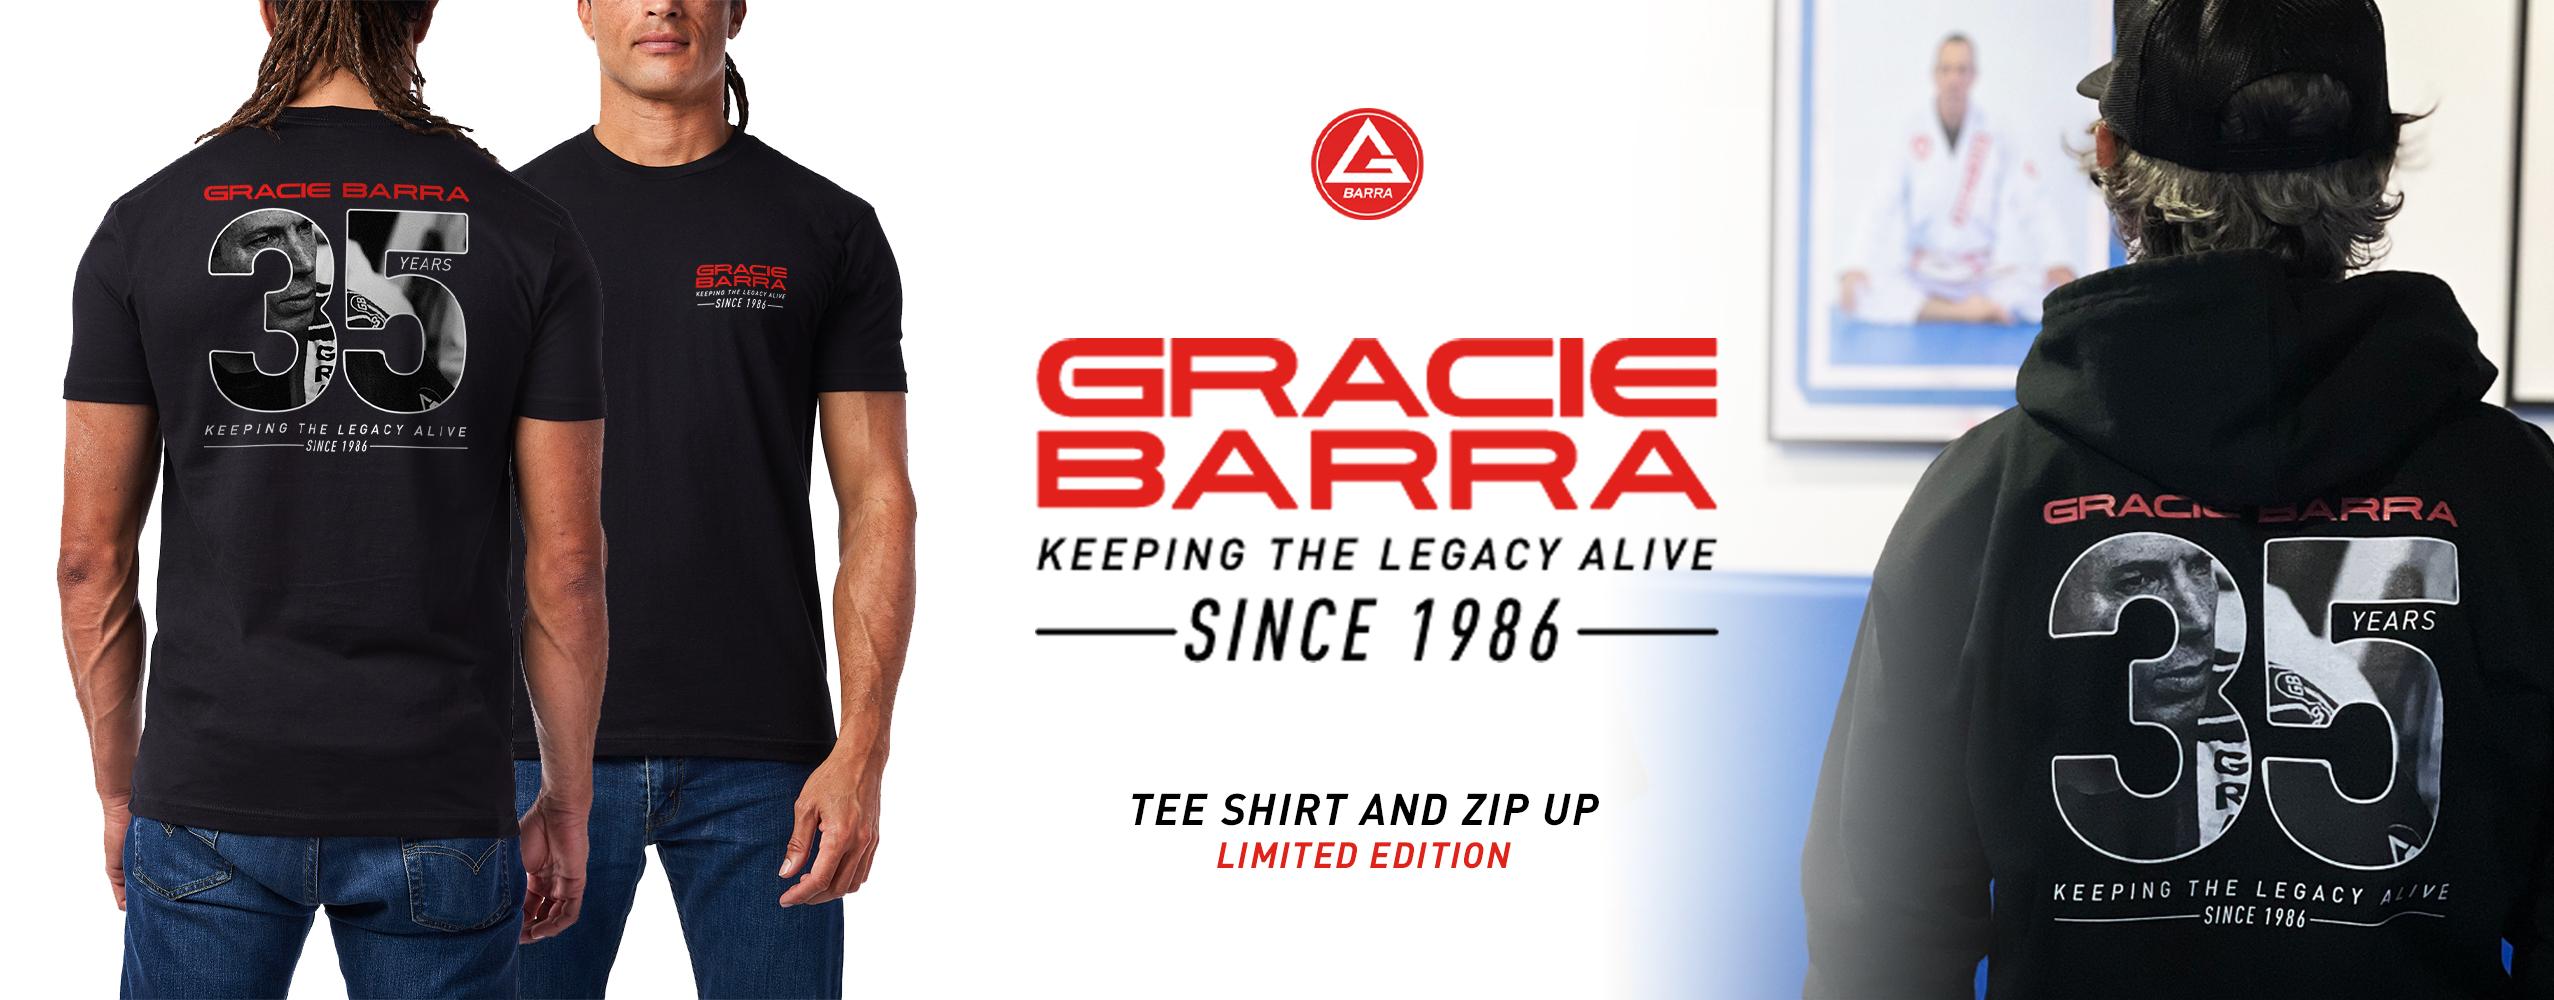 GB35周年レガシーTシャツ